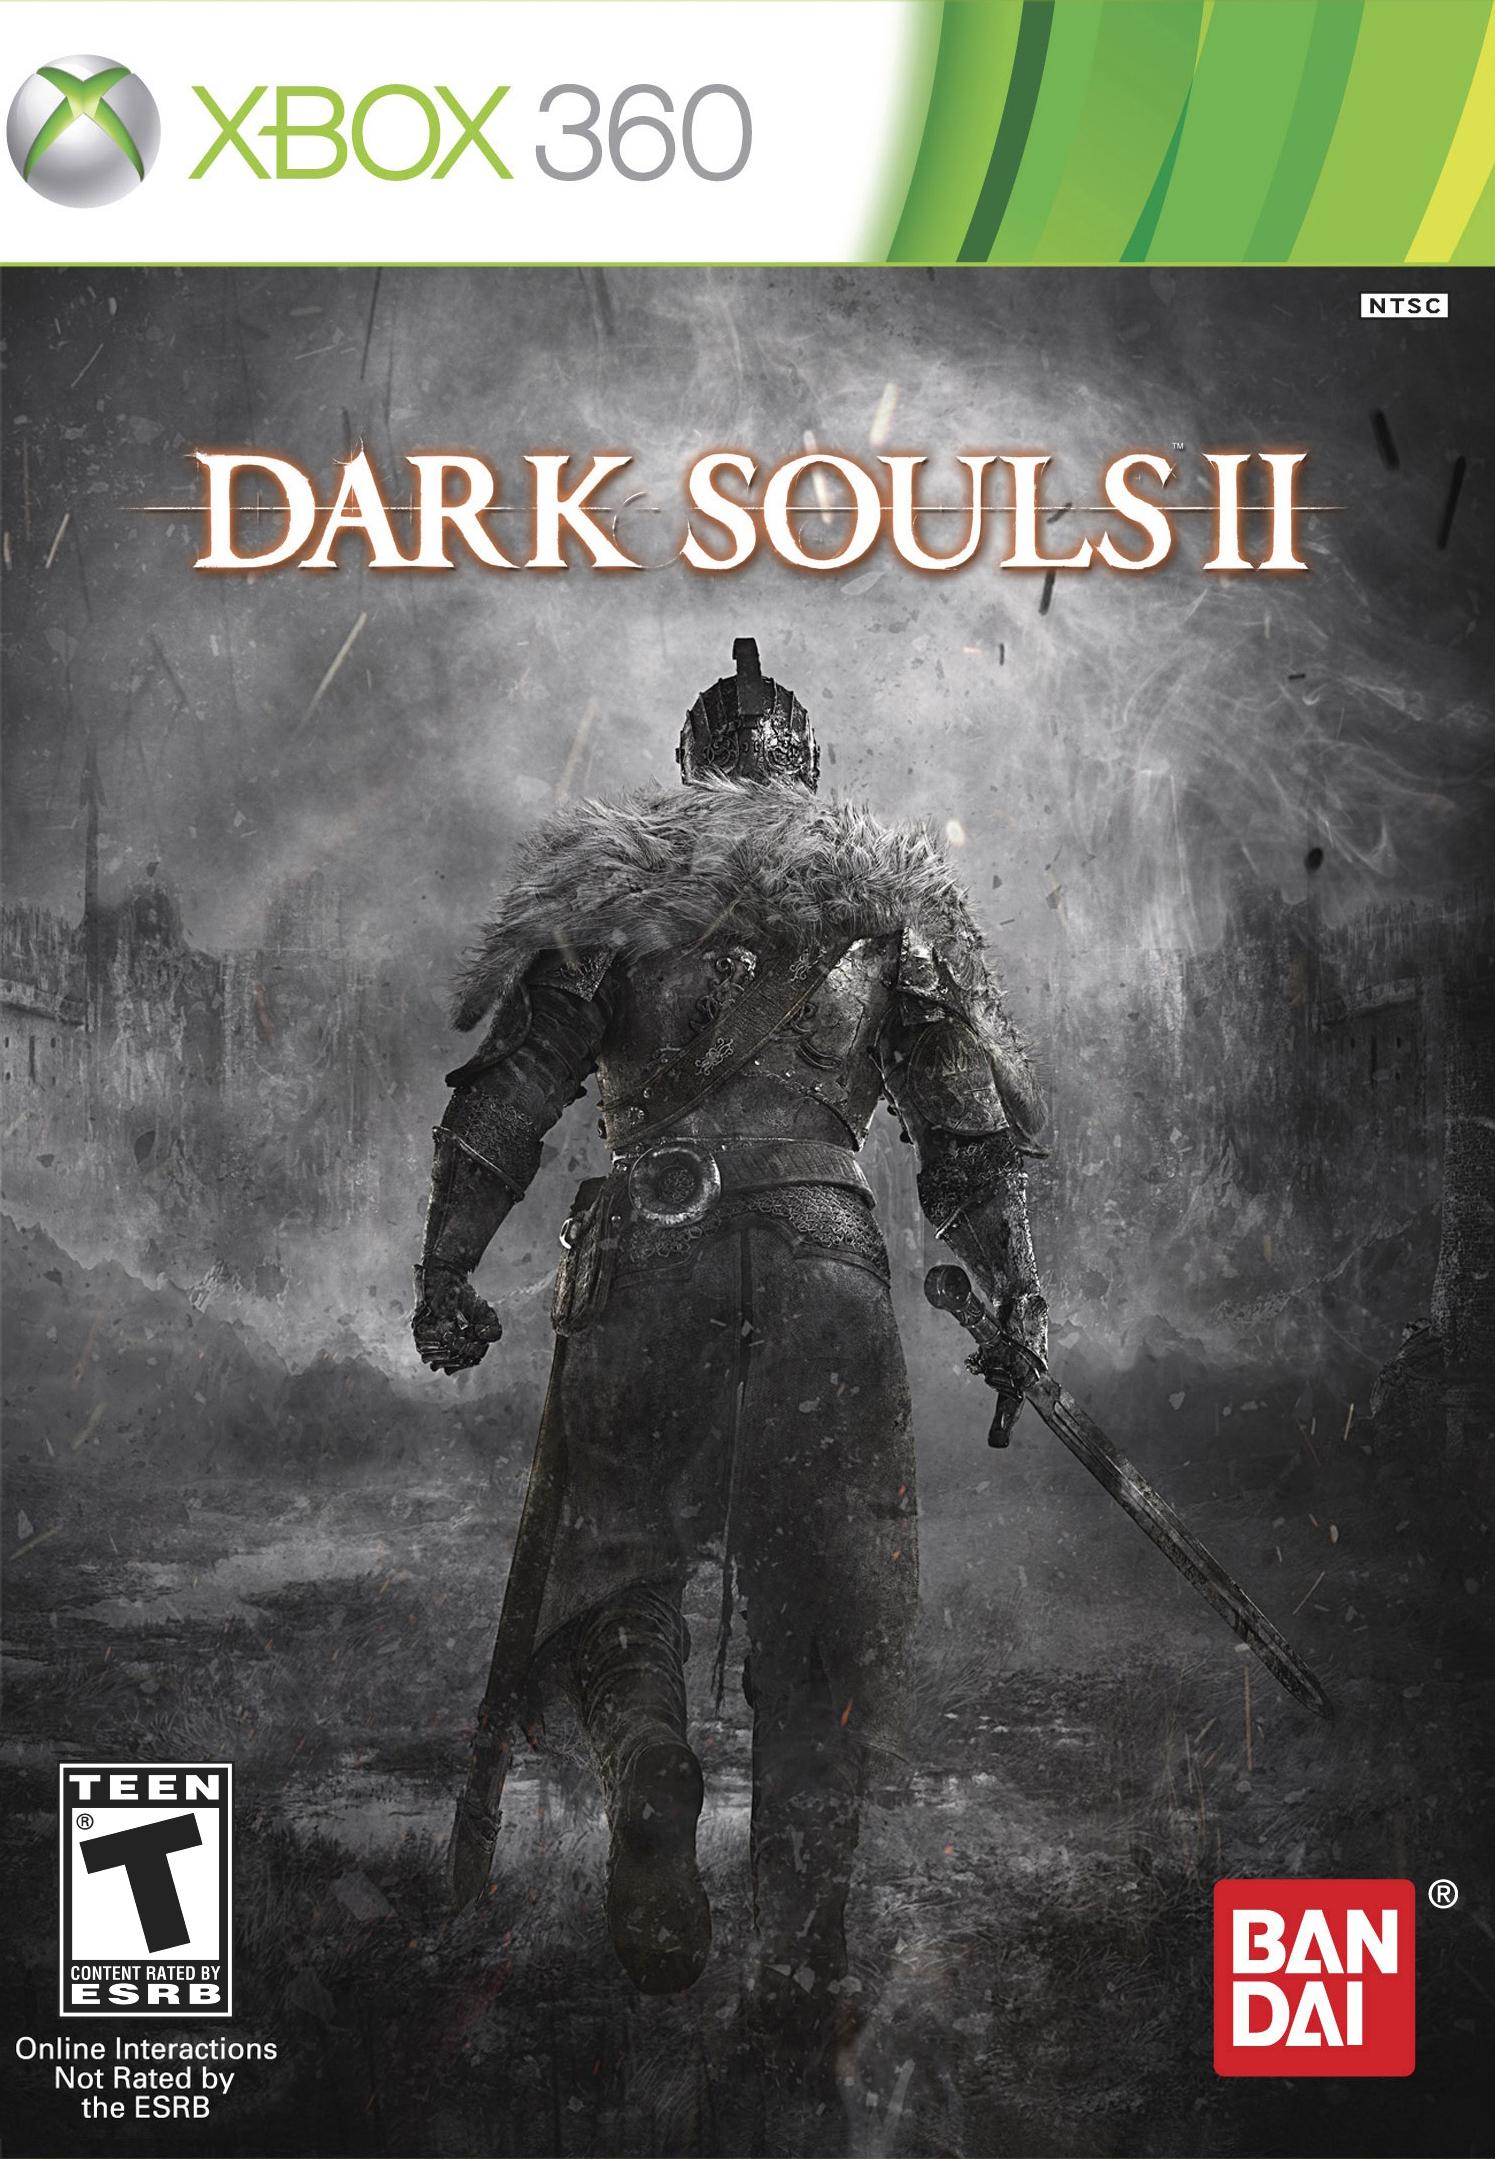 Dark Souls II/Xbox 360